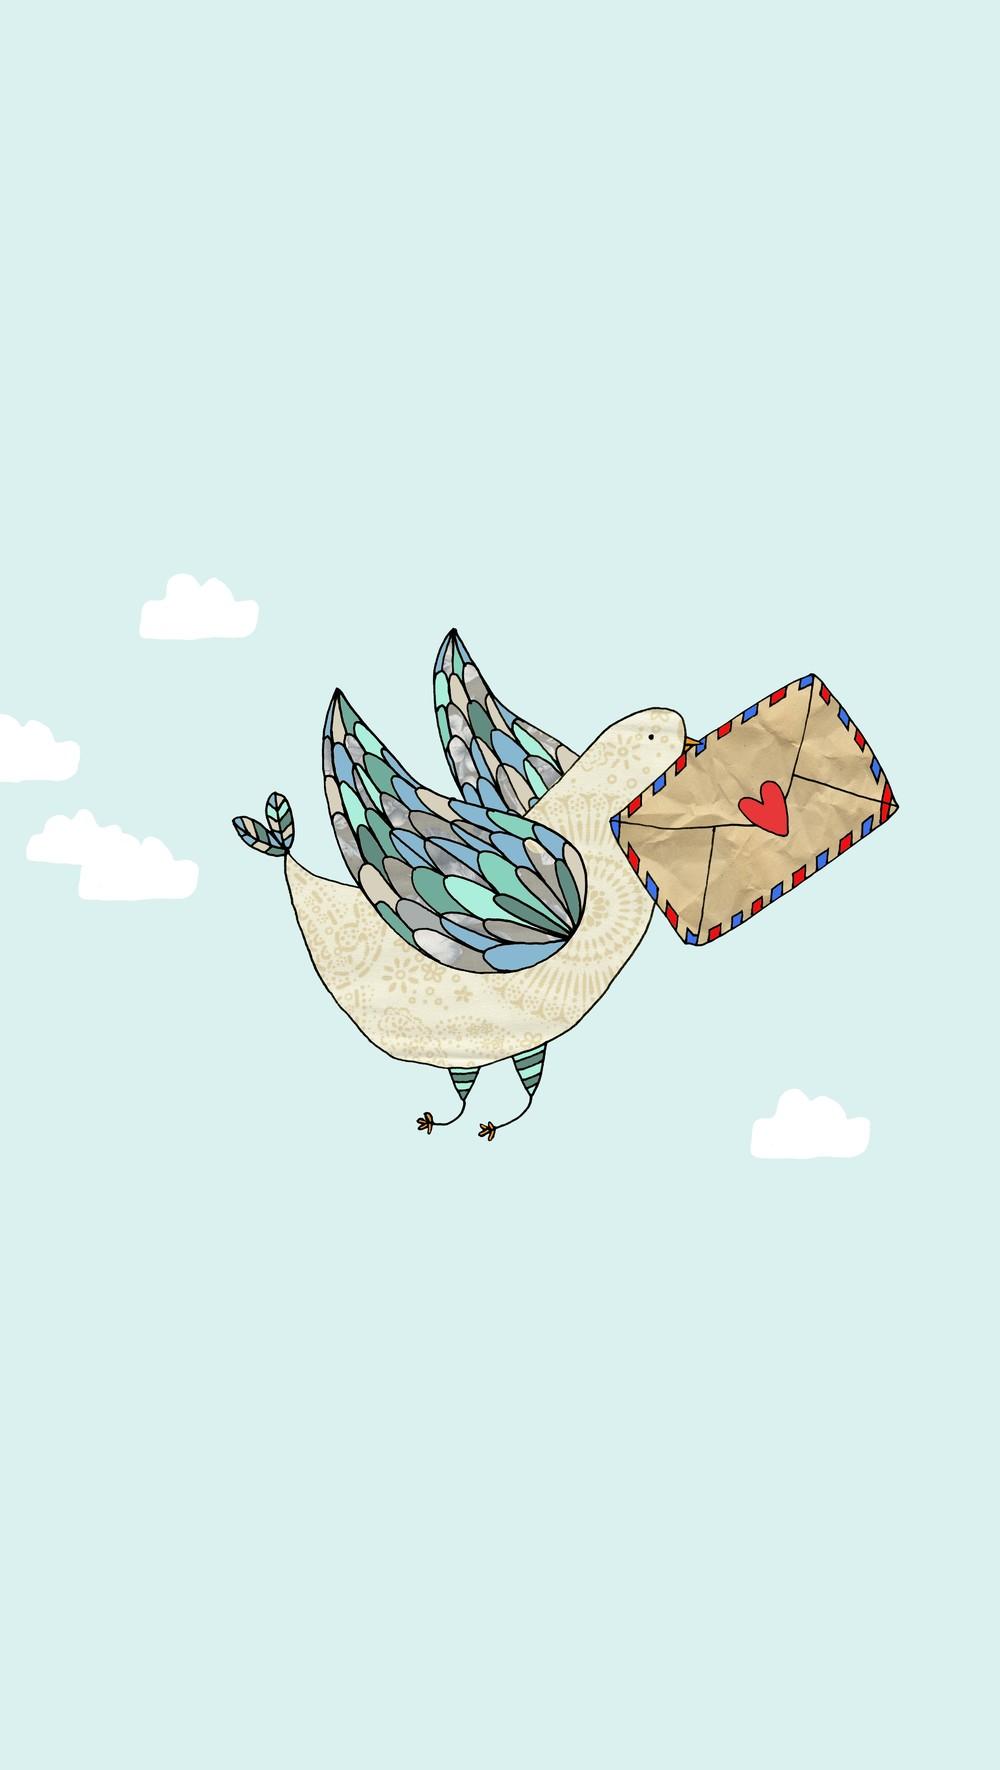 ad_bird.jpg